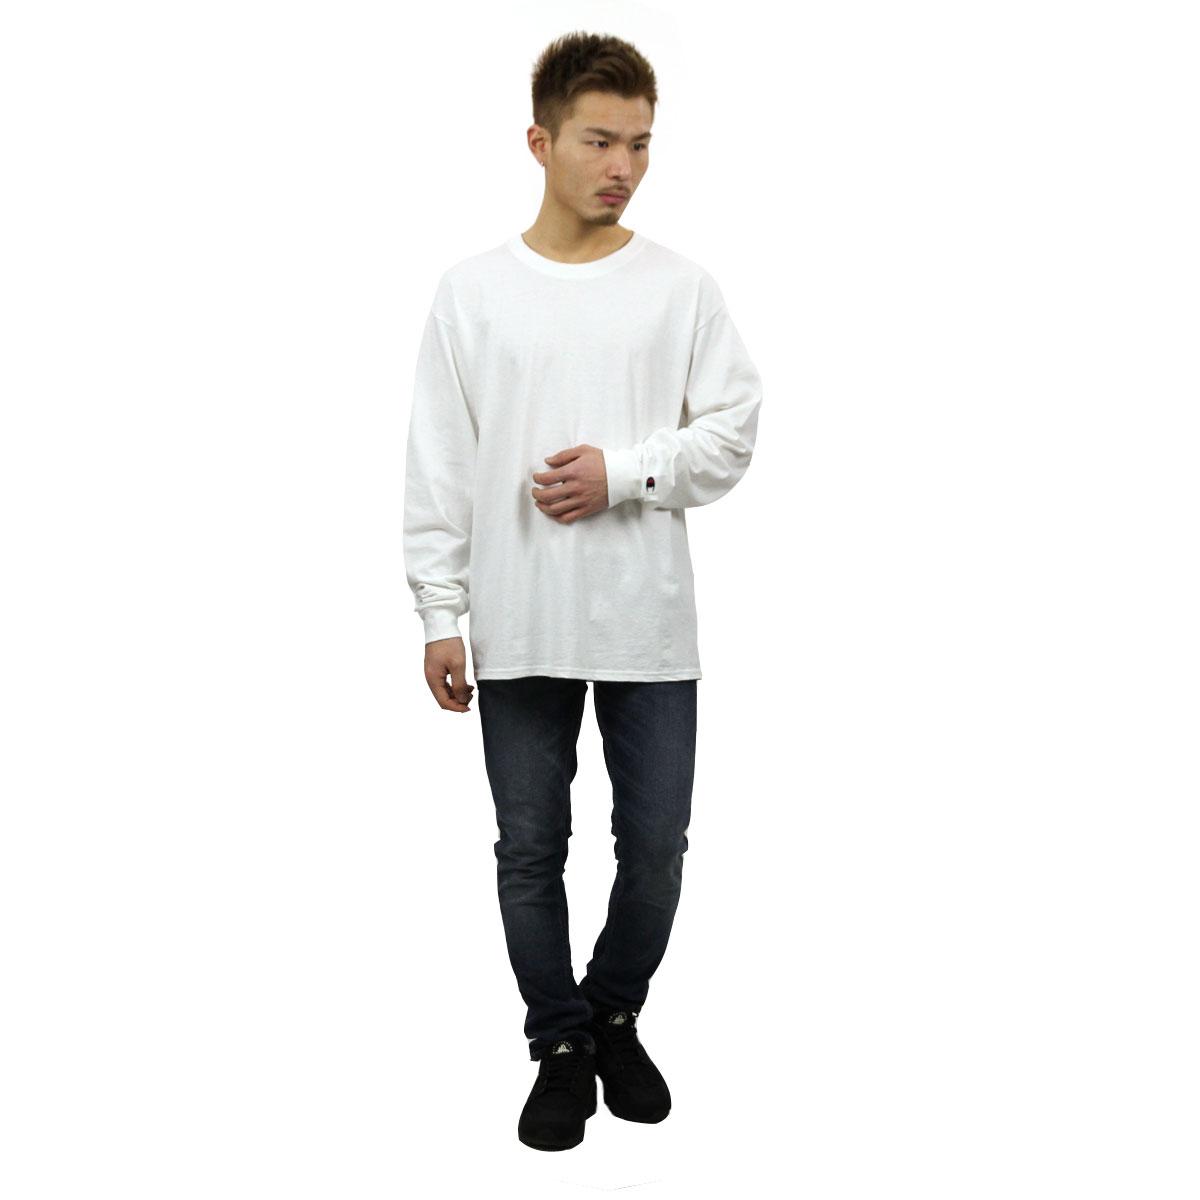 チャンピオン CHAMPION 正規品 メンズ 長袖Tシャツ L/S TEE T2229 Cotton Long Sleeve Tee 045-WHITE C logo on left sleeve